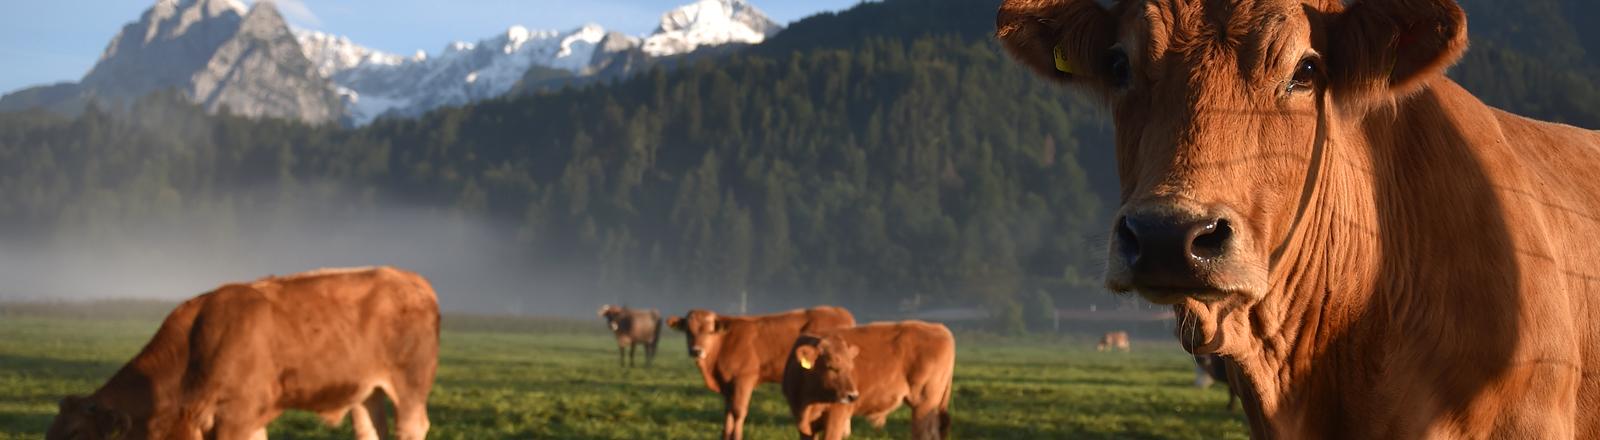 Kühe auf einer Weide in den Bergen